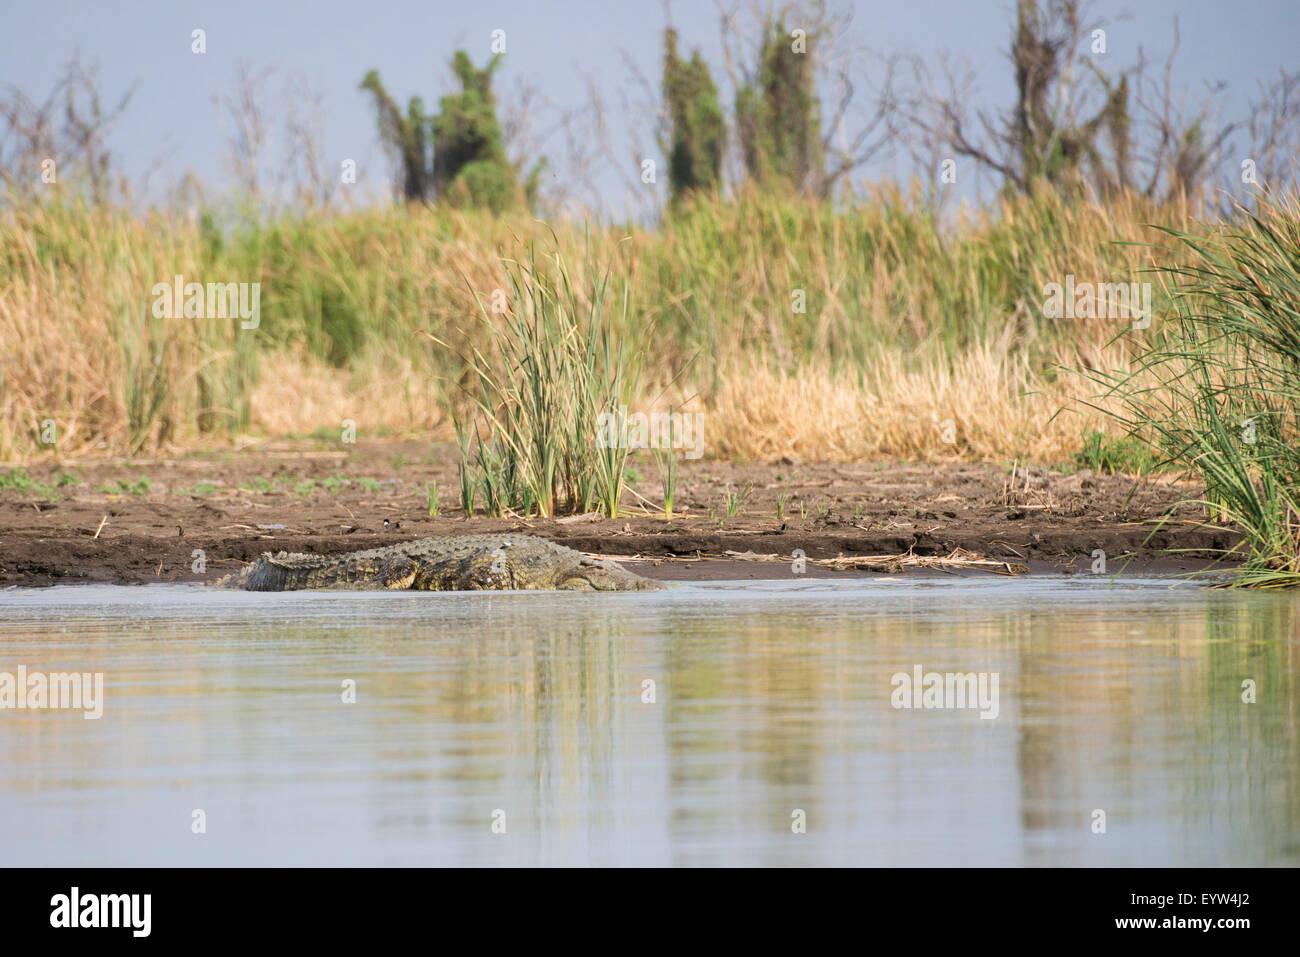 Nile crocodile (Crocodylus niloticus), Lake Chamo, Nechisar National Park, Ethiopia Stock Photo